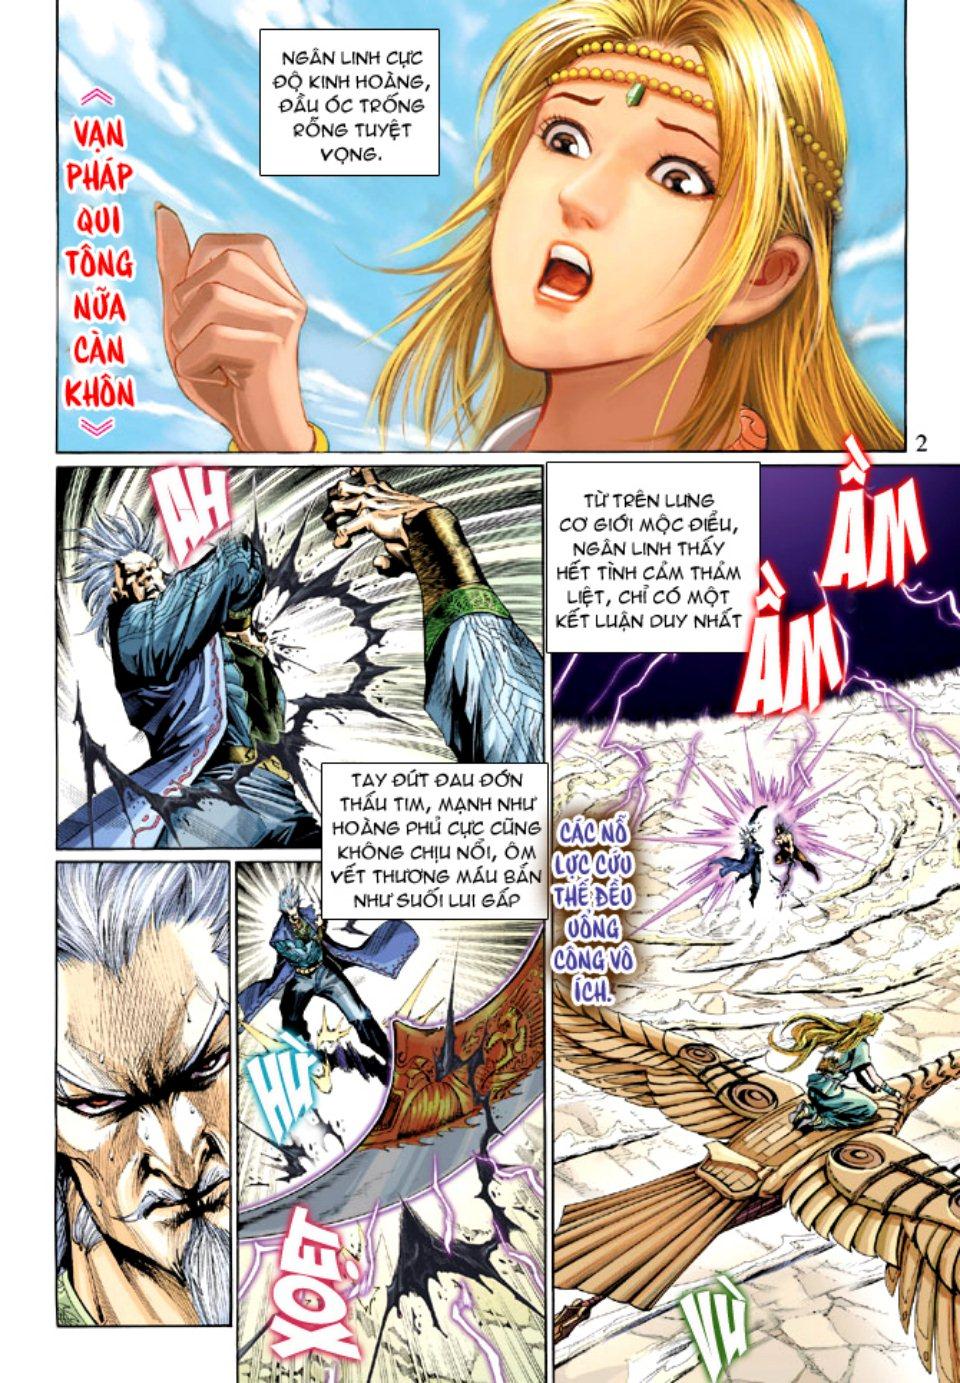 Thiên Tử Truyền Kỳ 5 – Như Lai Thần Chưởng chap 214 – End Trang 3 - Mangak.info